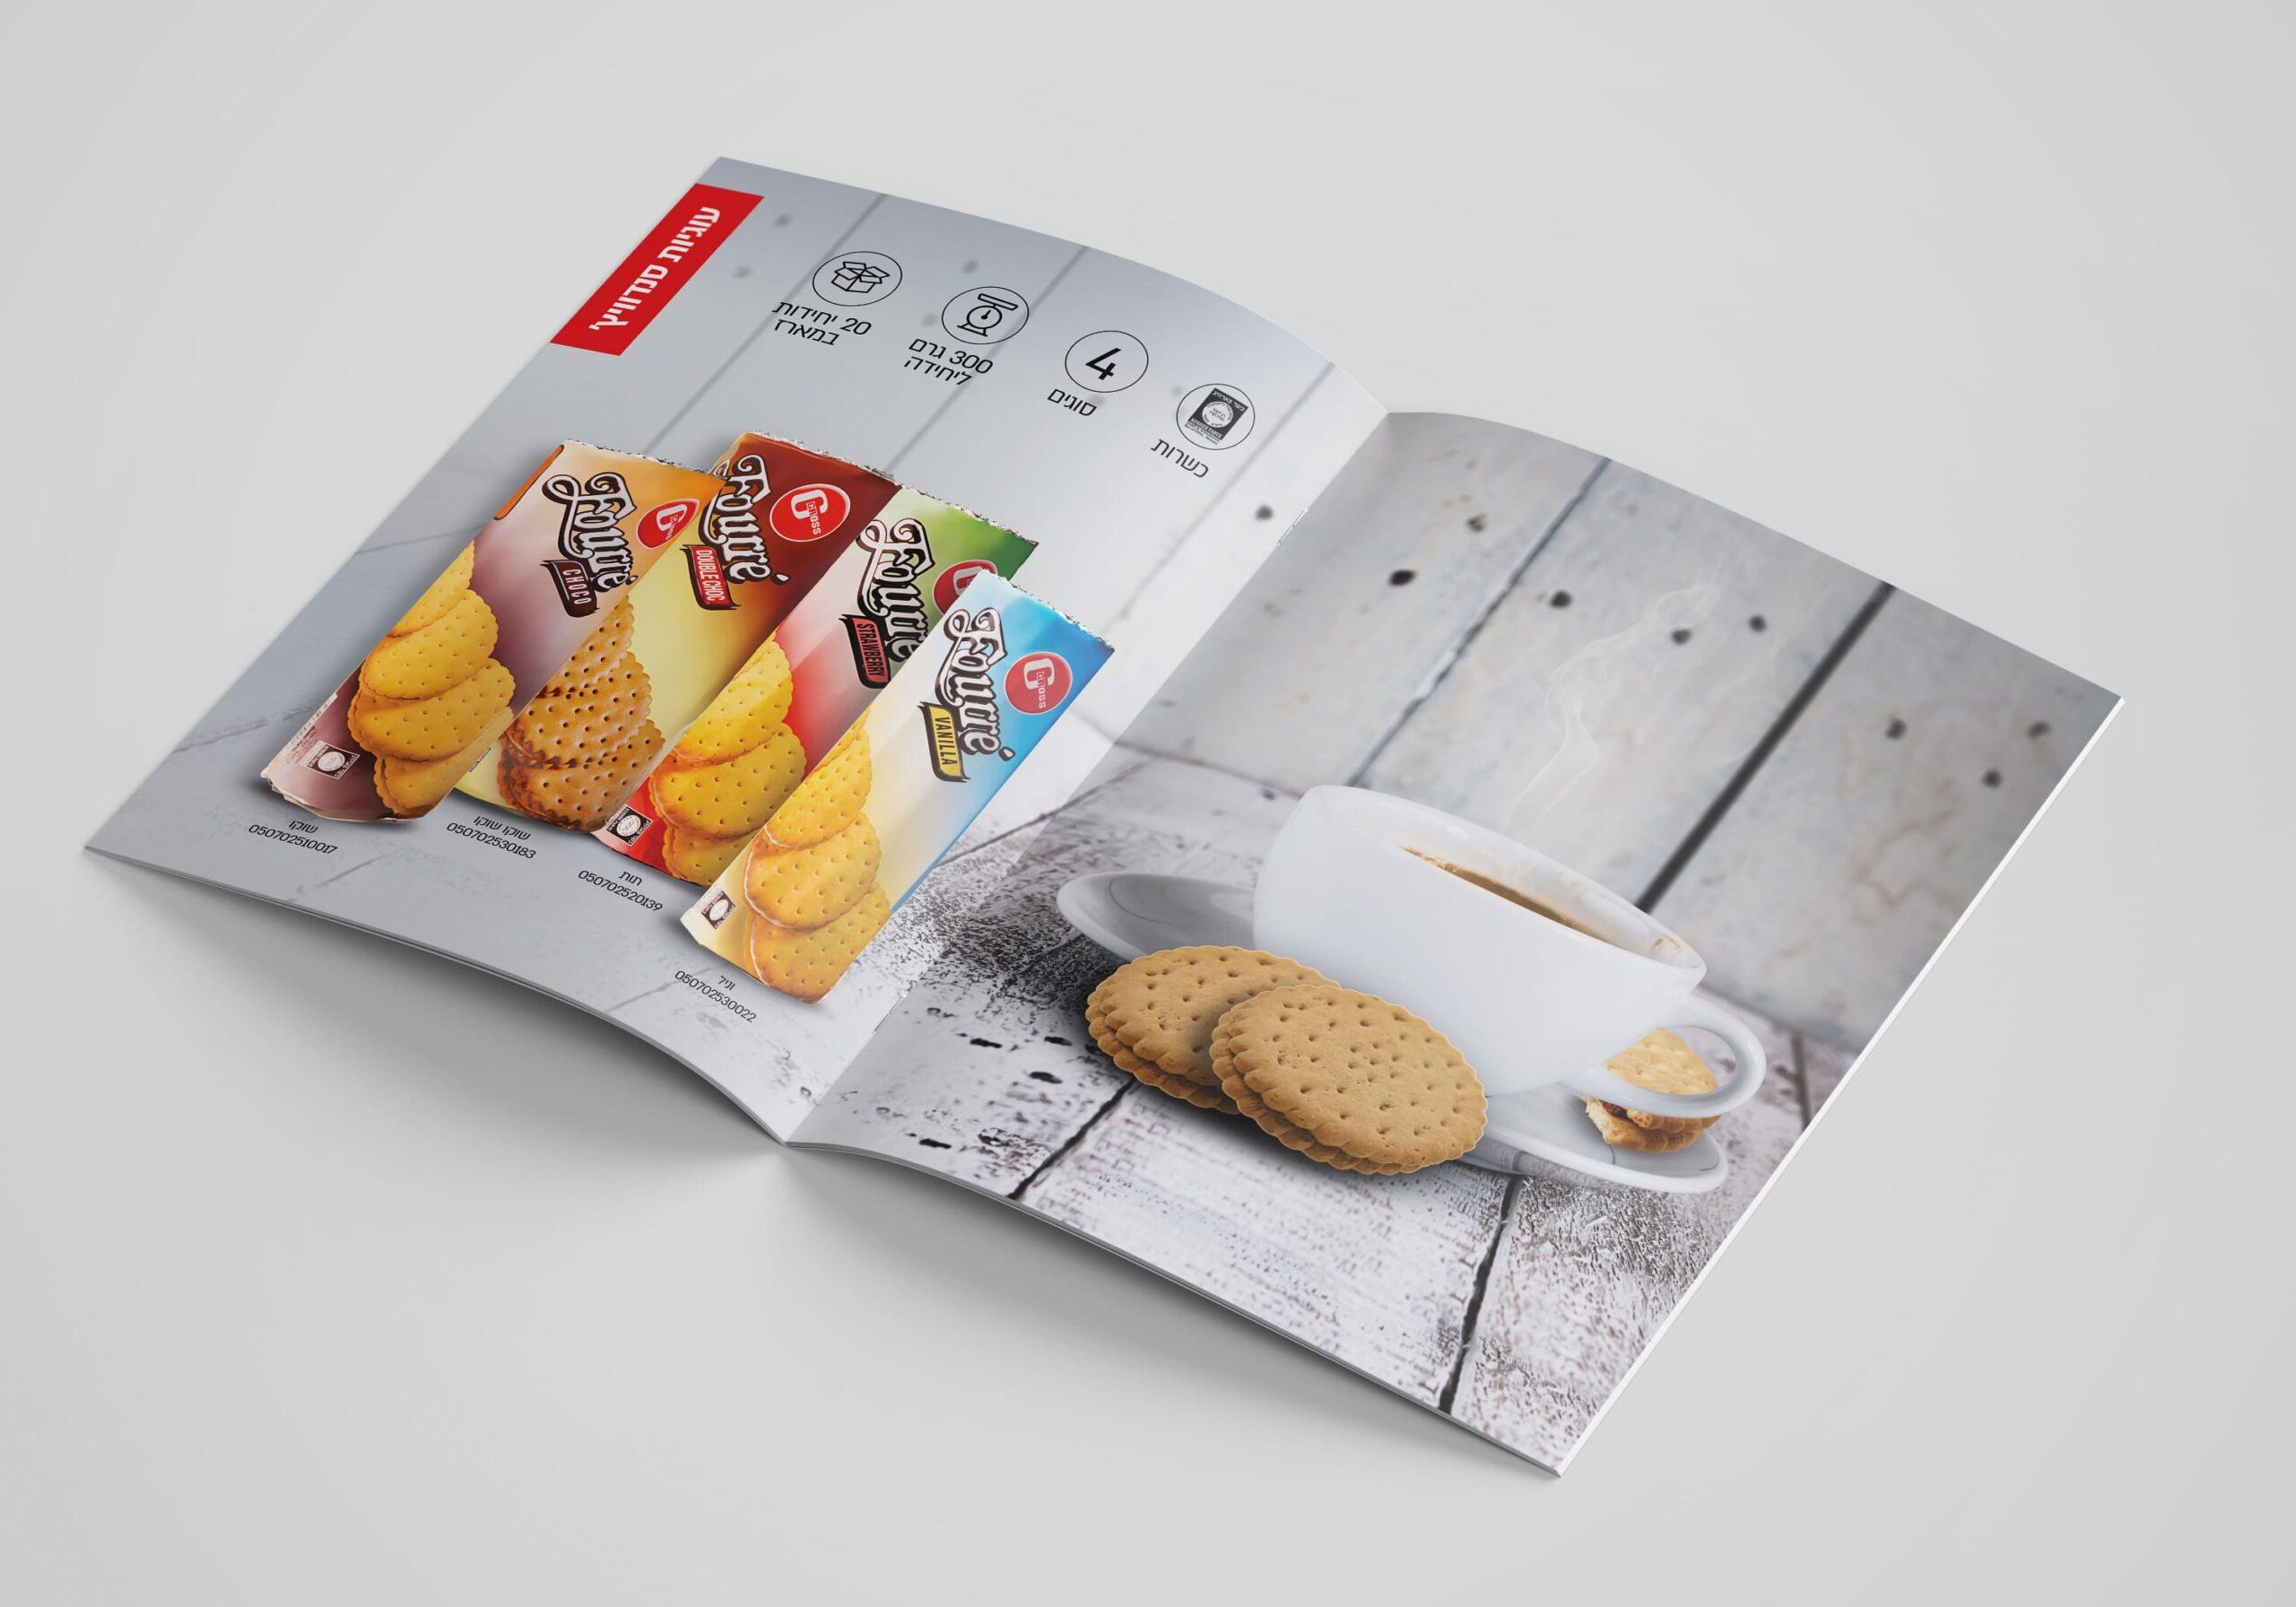 עוגיות סנדוויץ' קטלוג שוקולד גרוס